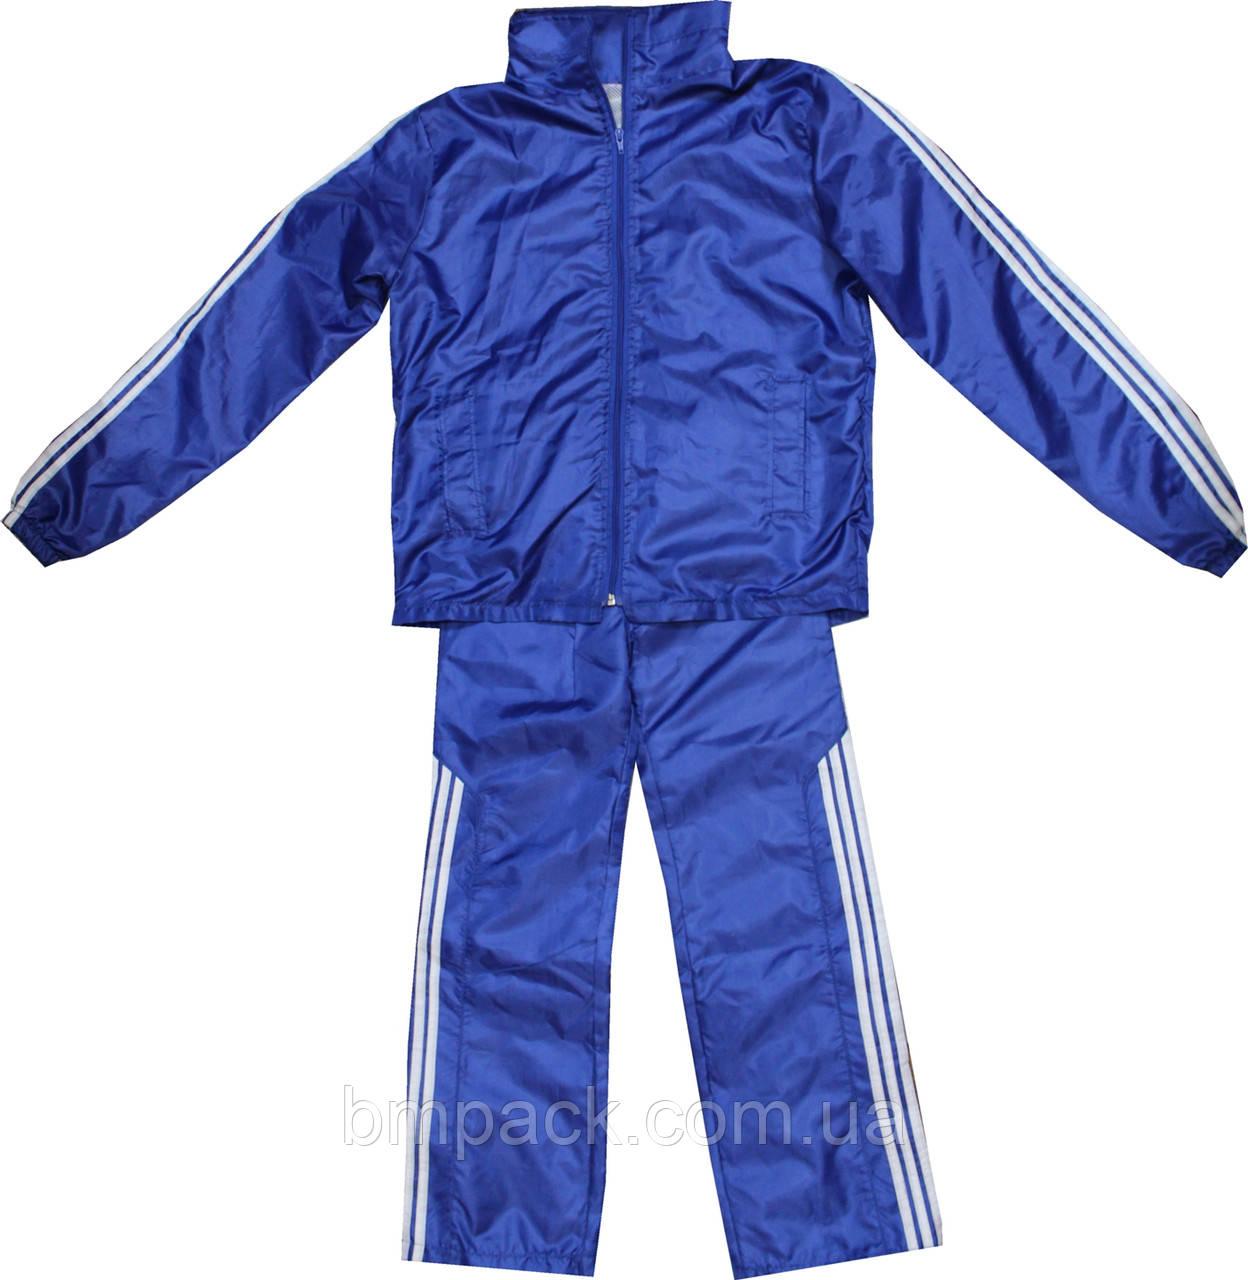 Спортивный костюм от производителя